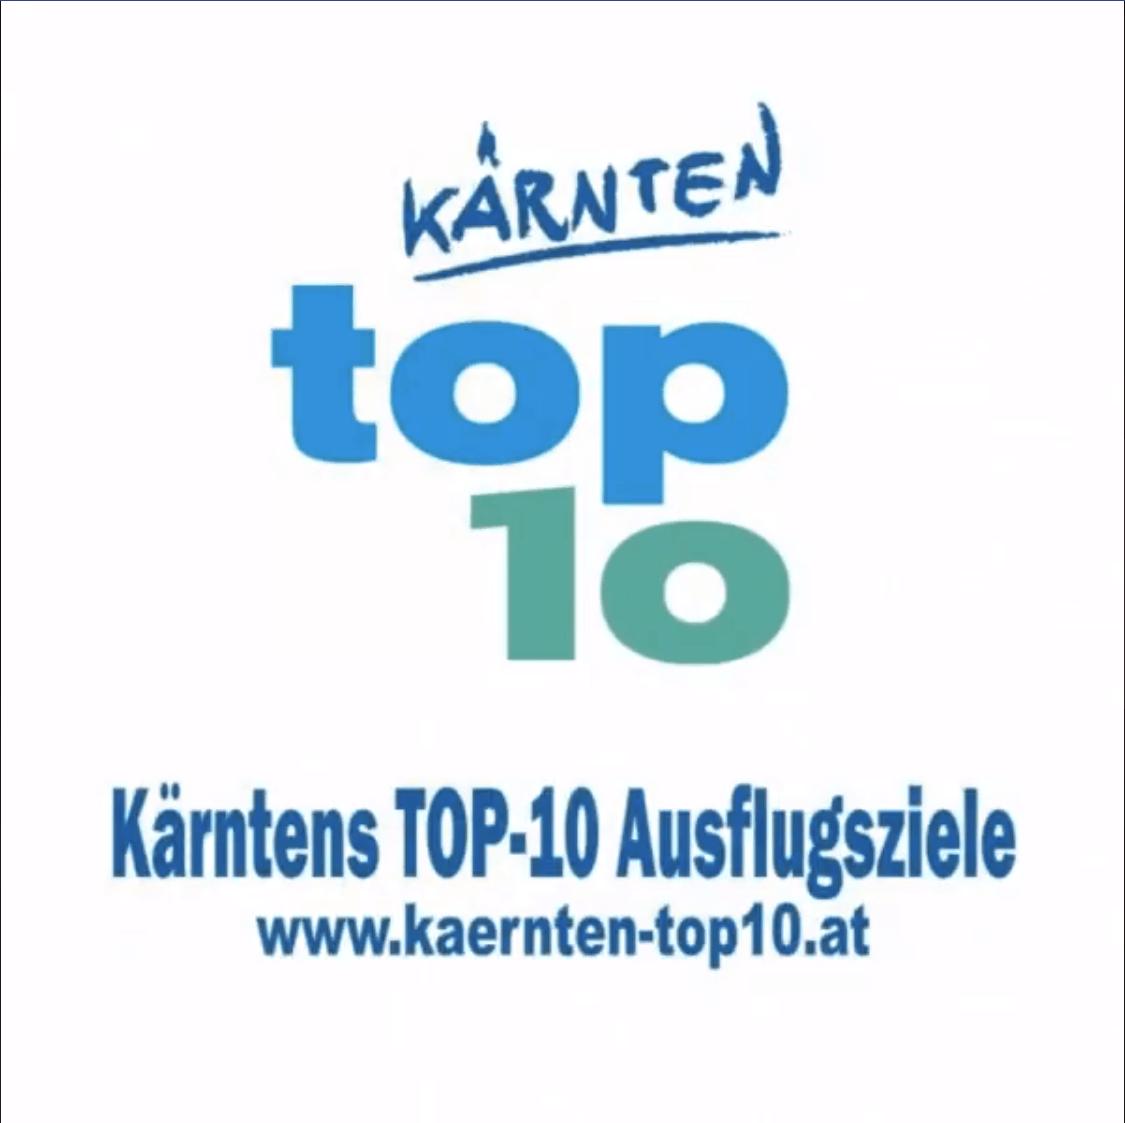 Kärntens TOP Ausflugsziele - die schönsten Sehenswürdigkeiten und Tagesausflüge in Kärnten, Logo und Touristeninformation